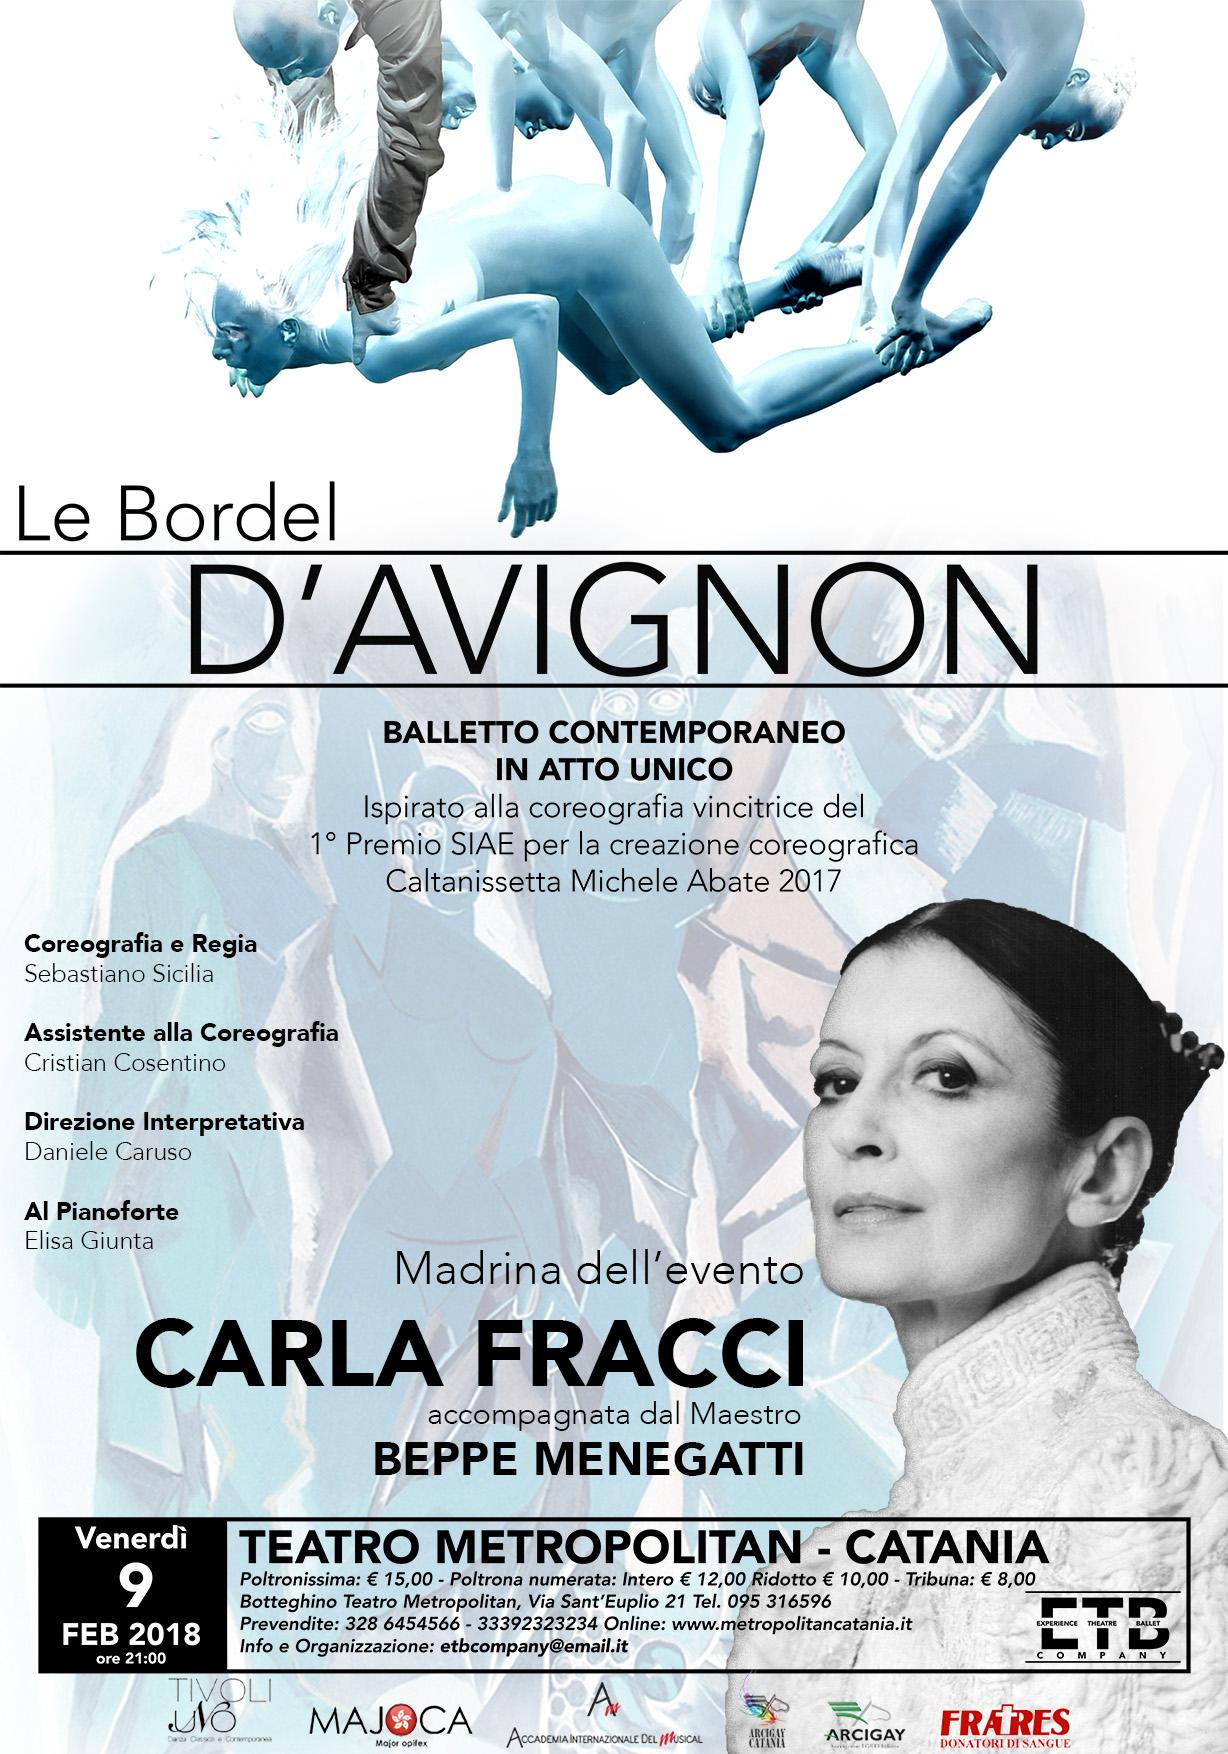 LE BORDEL D'AVIGNON - Balletto contemporaneo